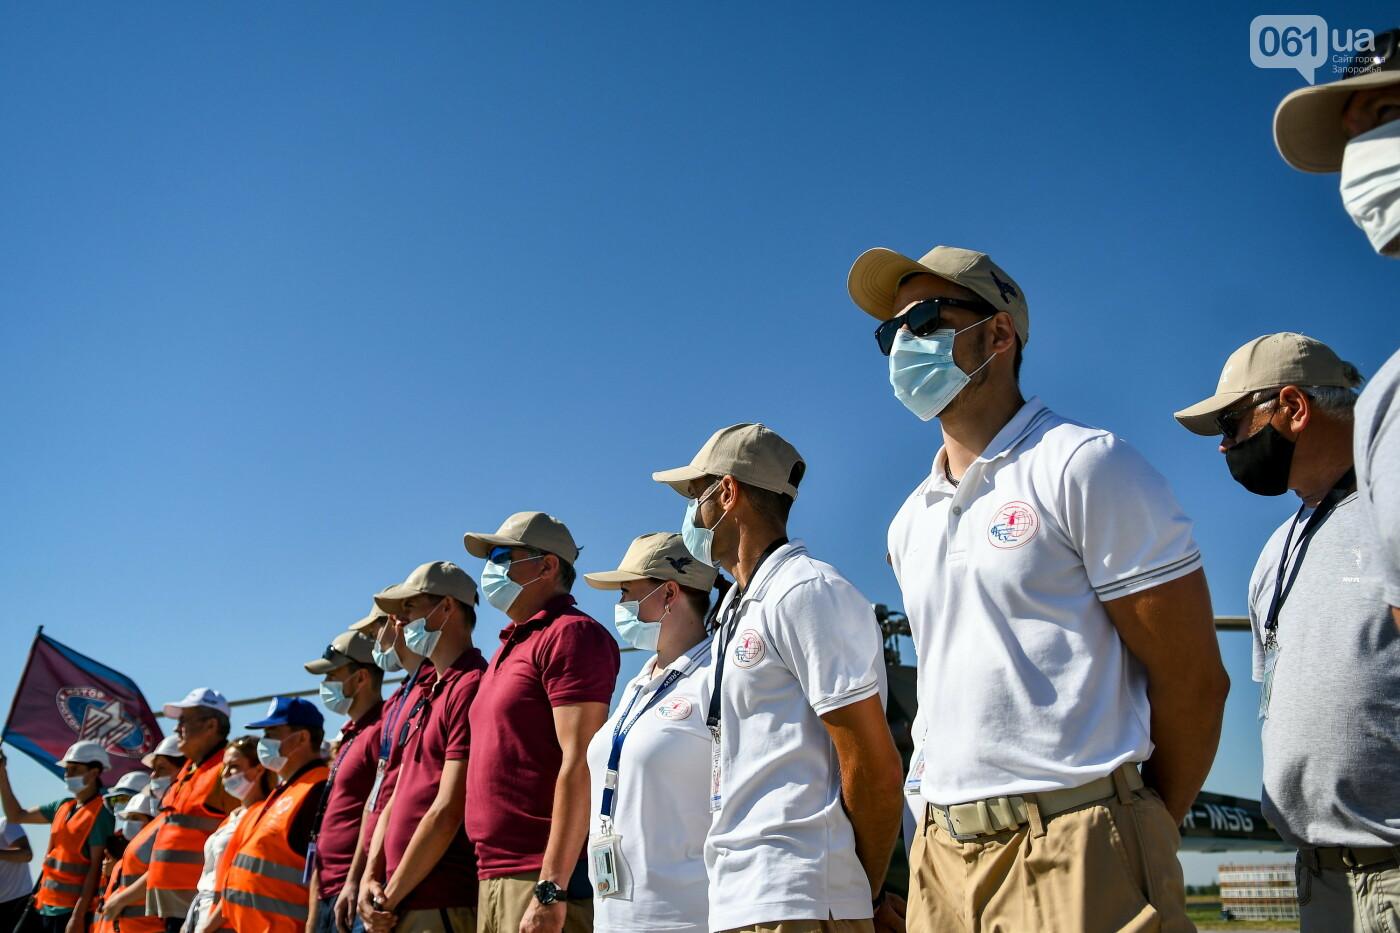 В Запорожье проходят соревнования по вертолетному спорту, - ФОТОРЕПОРТАЖ, фото-24